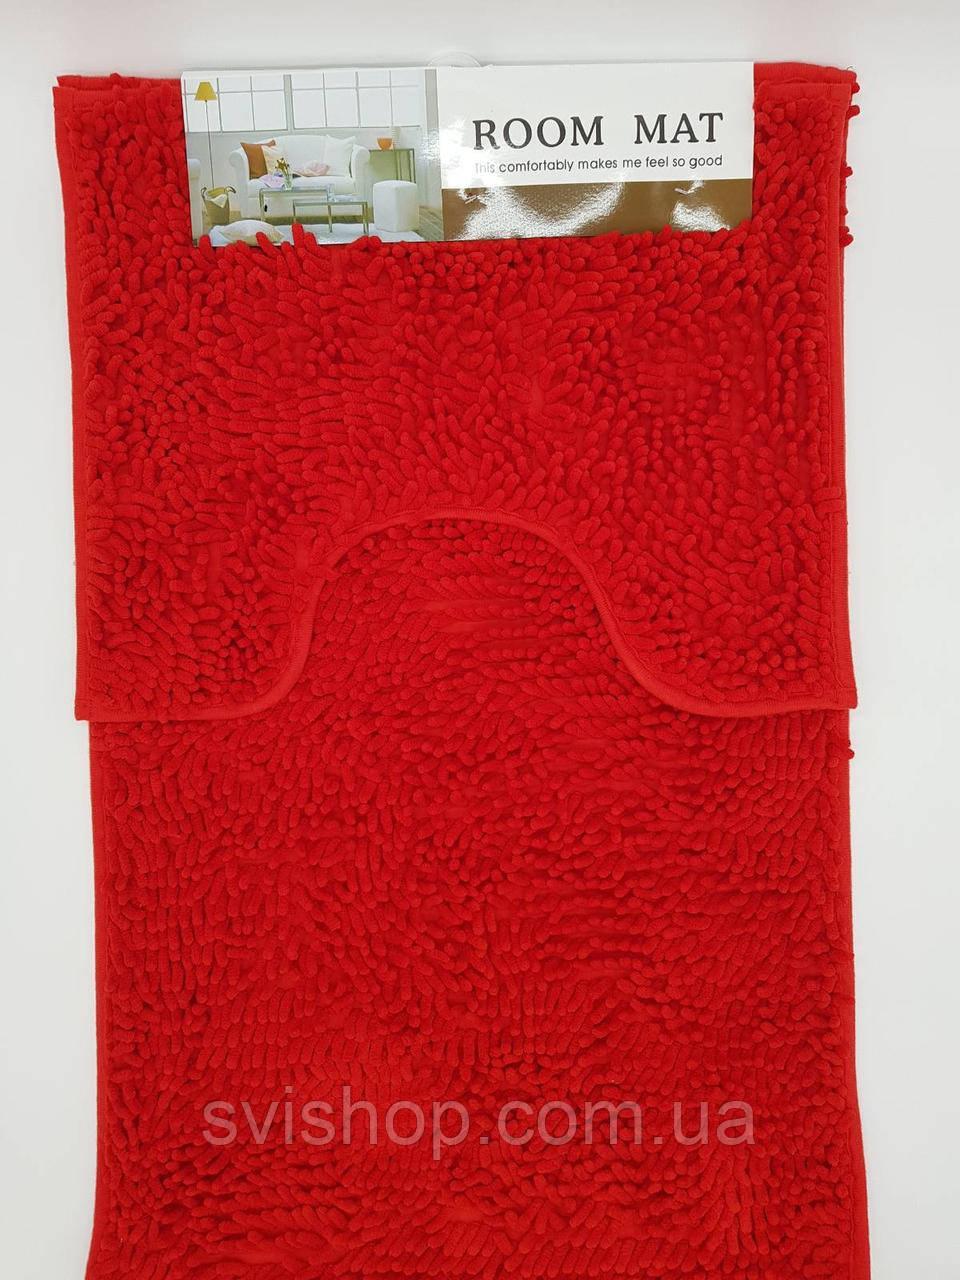 Набор ковриков в ванную комнату из микрофибры лапша, красный 50х80см. и туалет 40х50см.